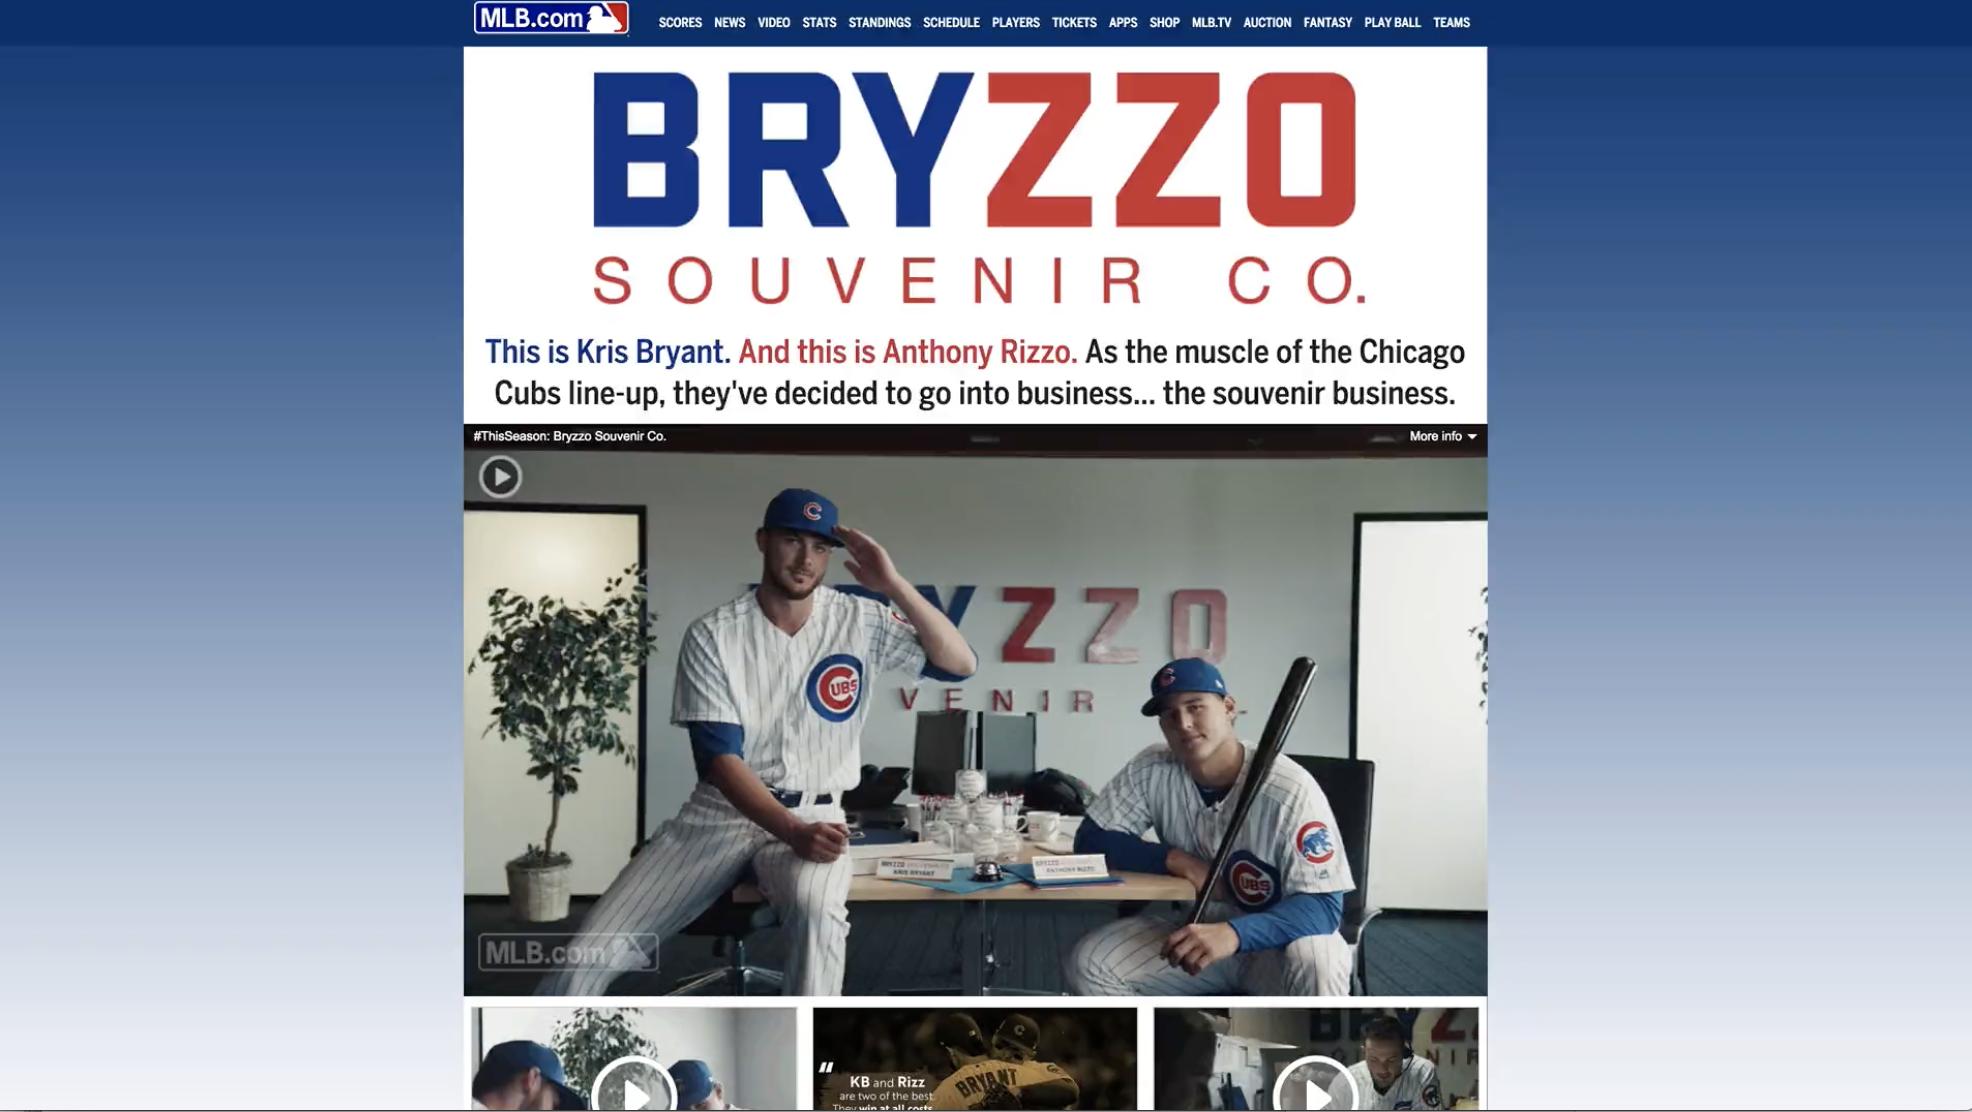 Thumbnail for Bryzzo Souvenir Co.